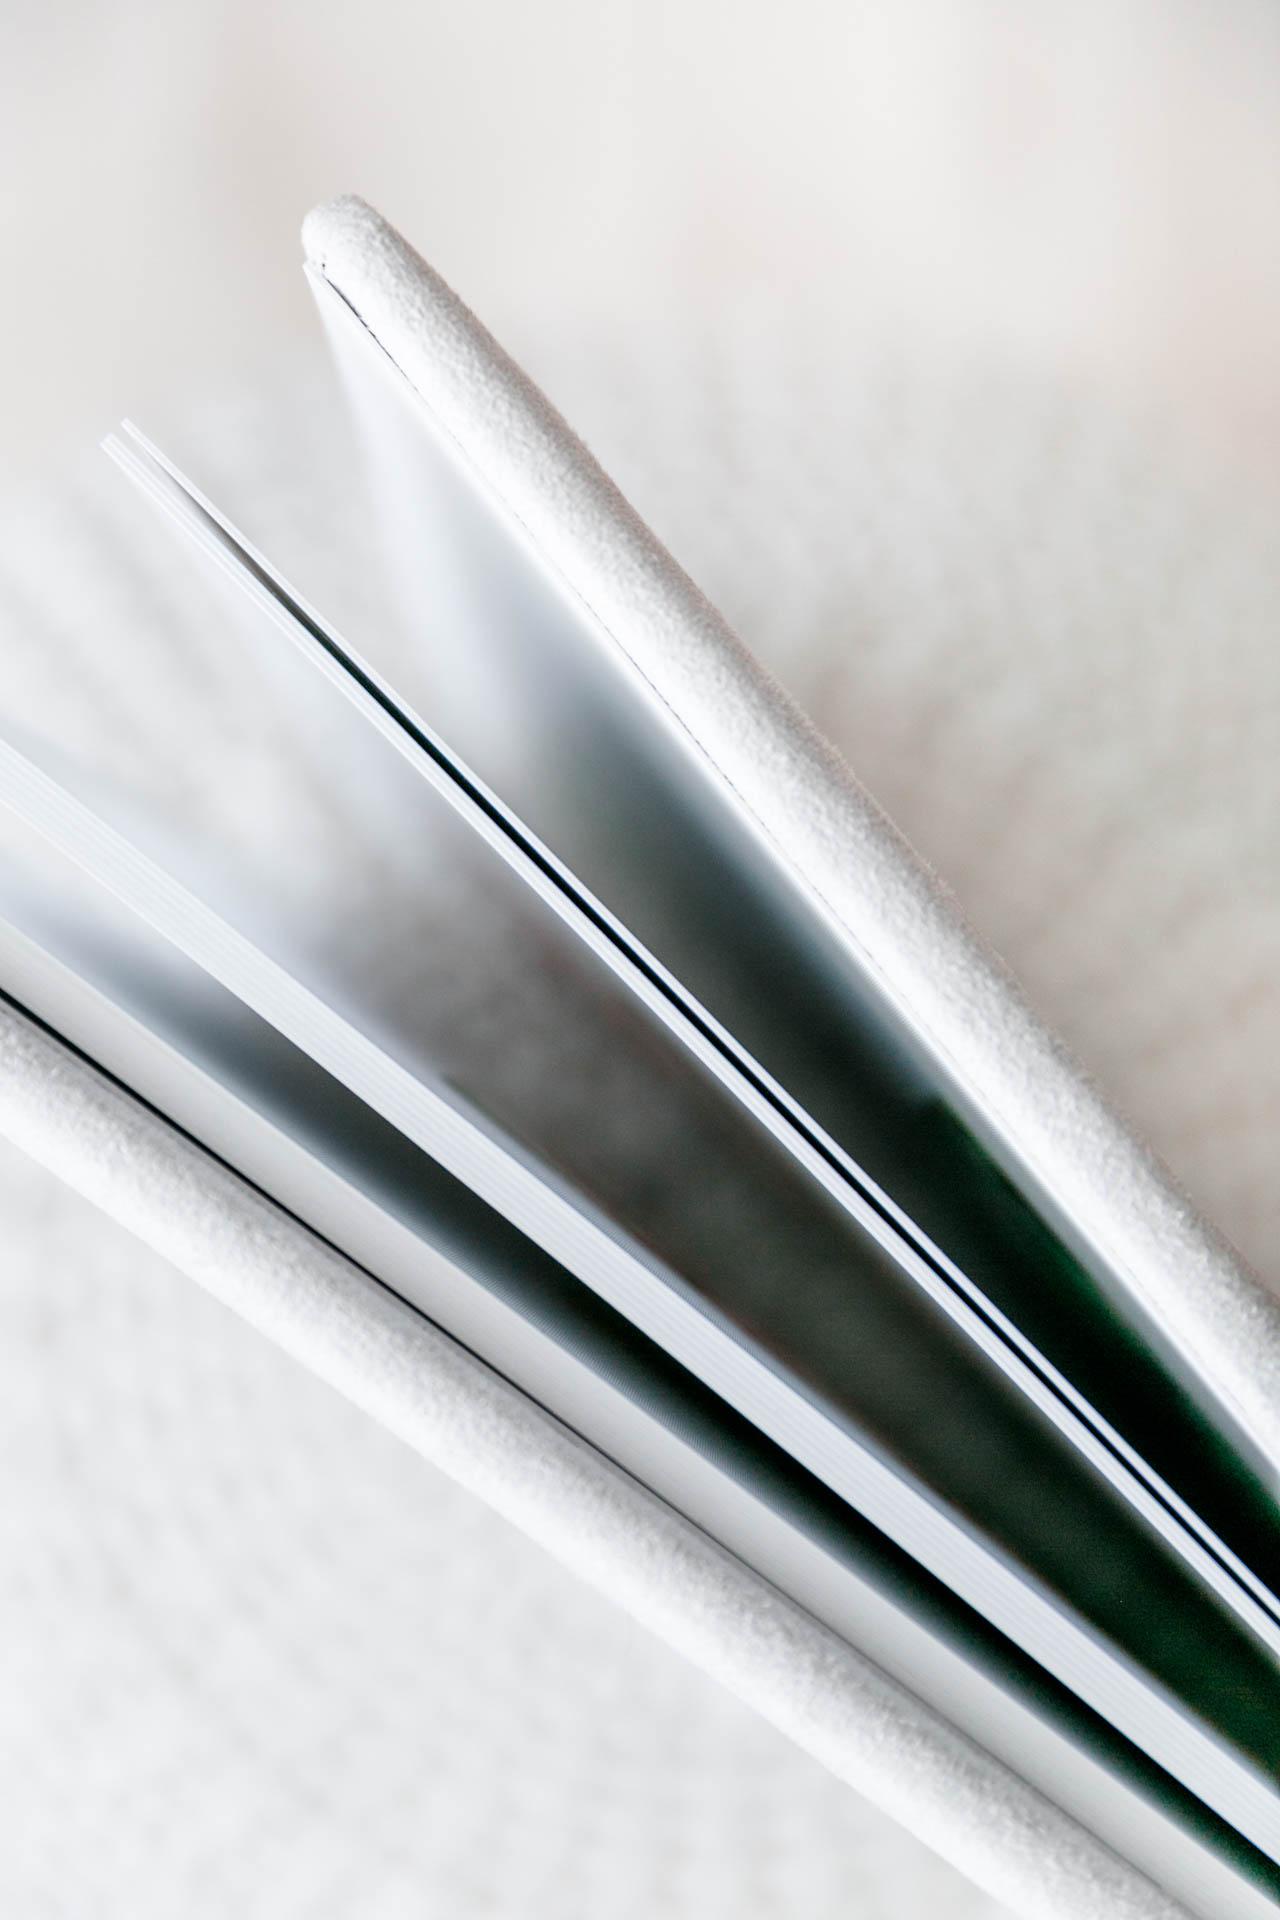 Hochzeitsalbum Hochzeitsfotos Album für Hochzeitsfotos hochwertiges Hochzeitsalbum Fine-Art Album dicke Seiten Album individuelles Hochzeitsalbum